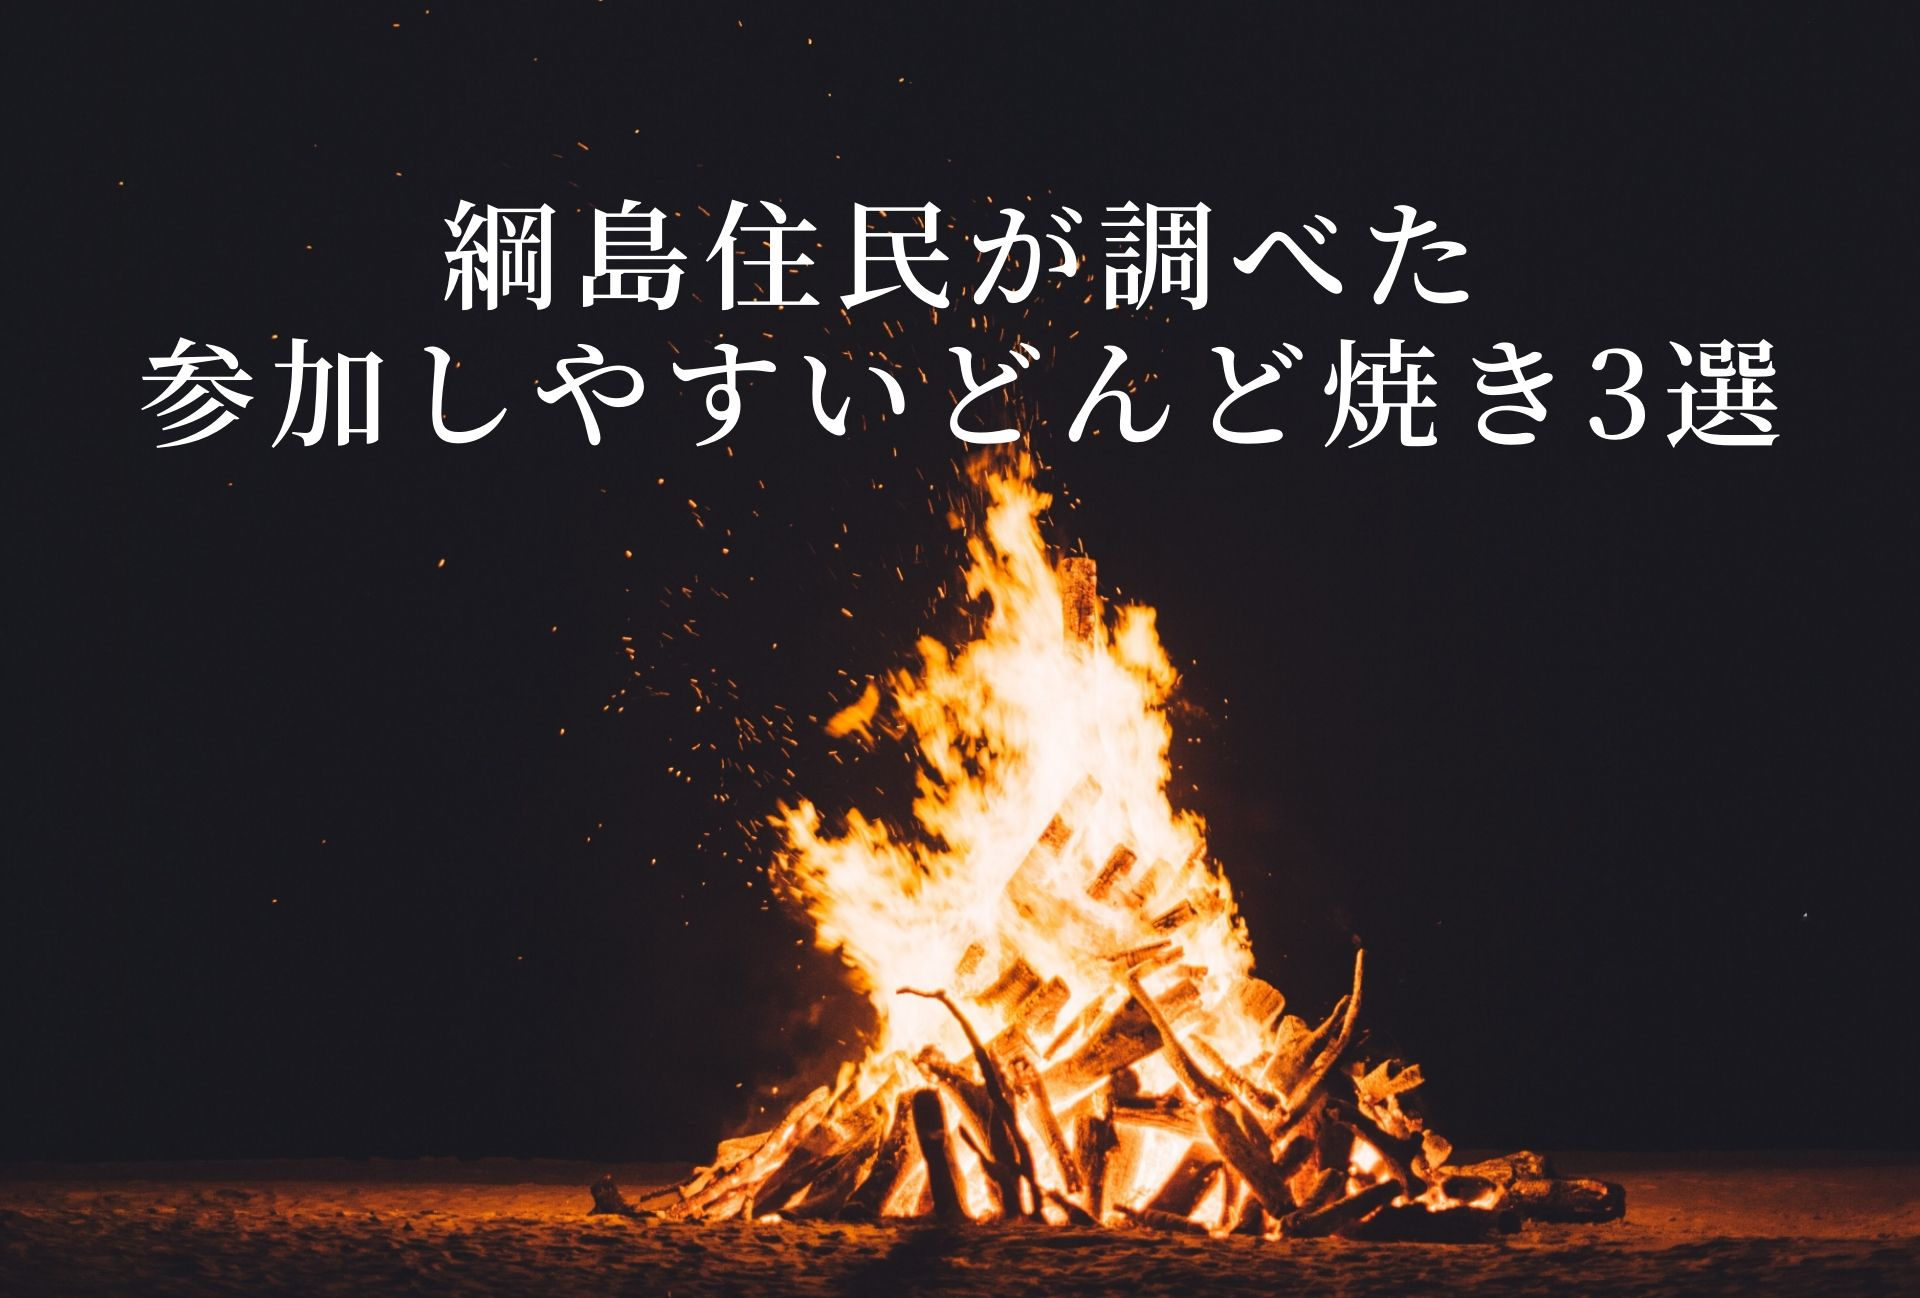 横浜市港北区から参加できるどんど焼き